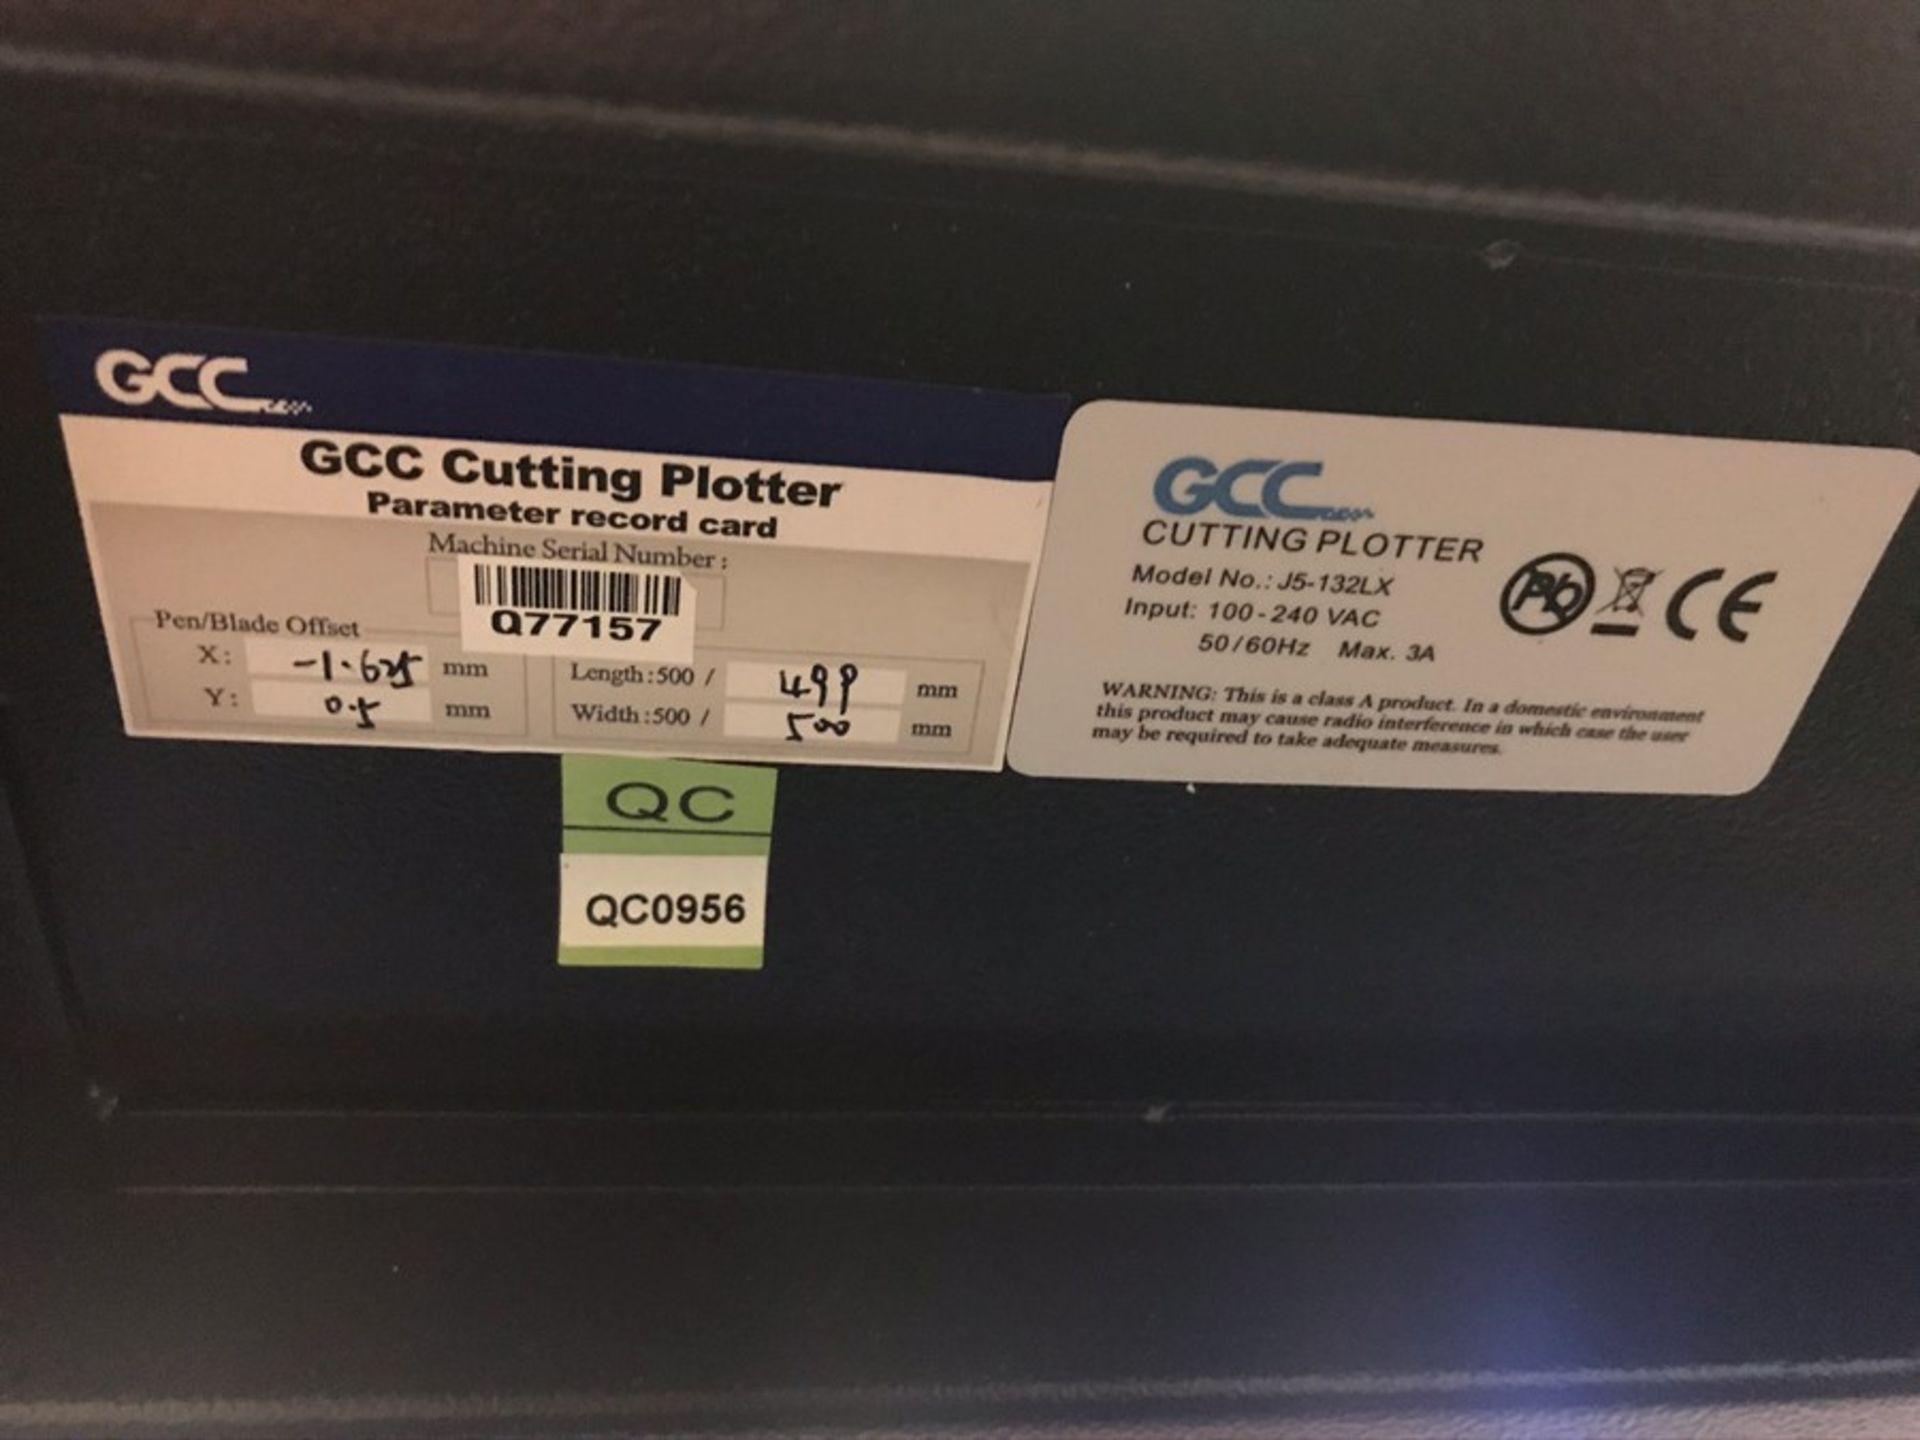 GCC Jaguar J5-12LX vinyl cutting plotter - Image 5 of 5